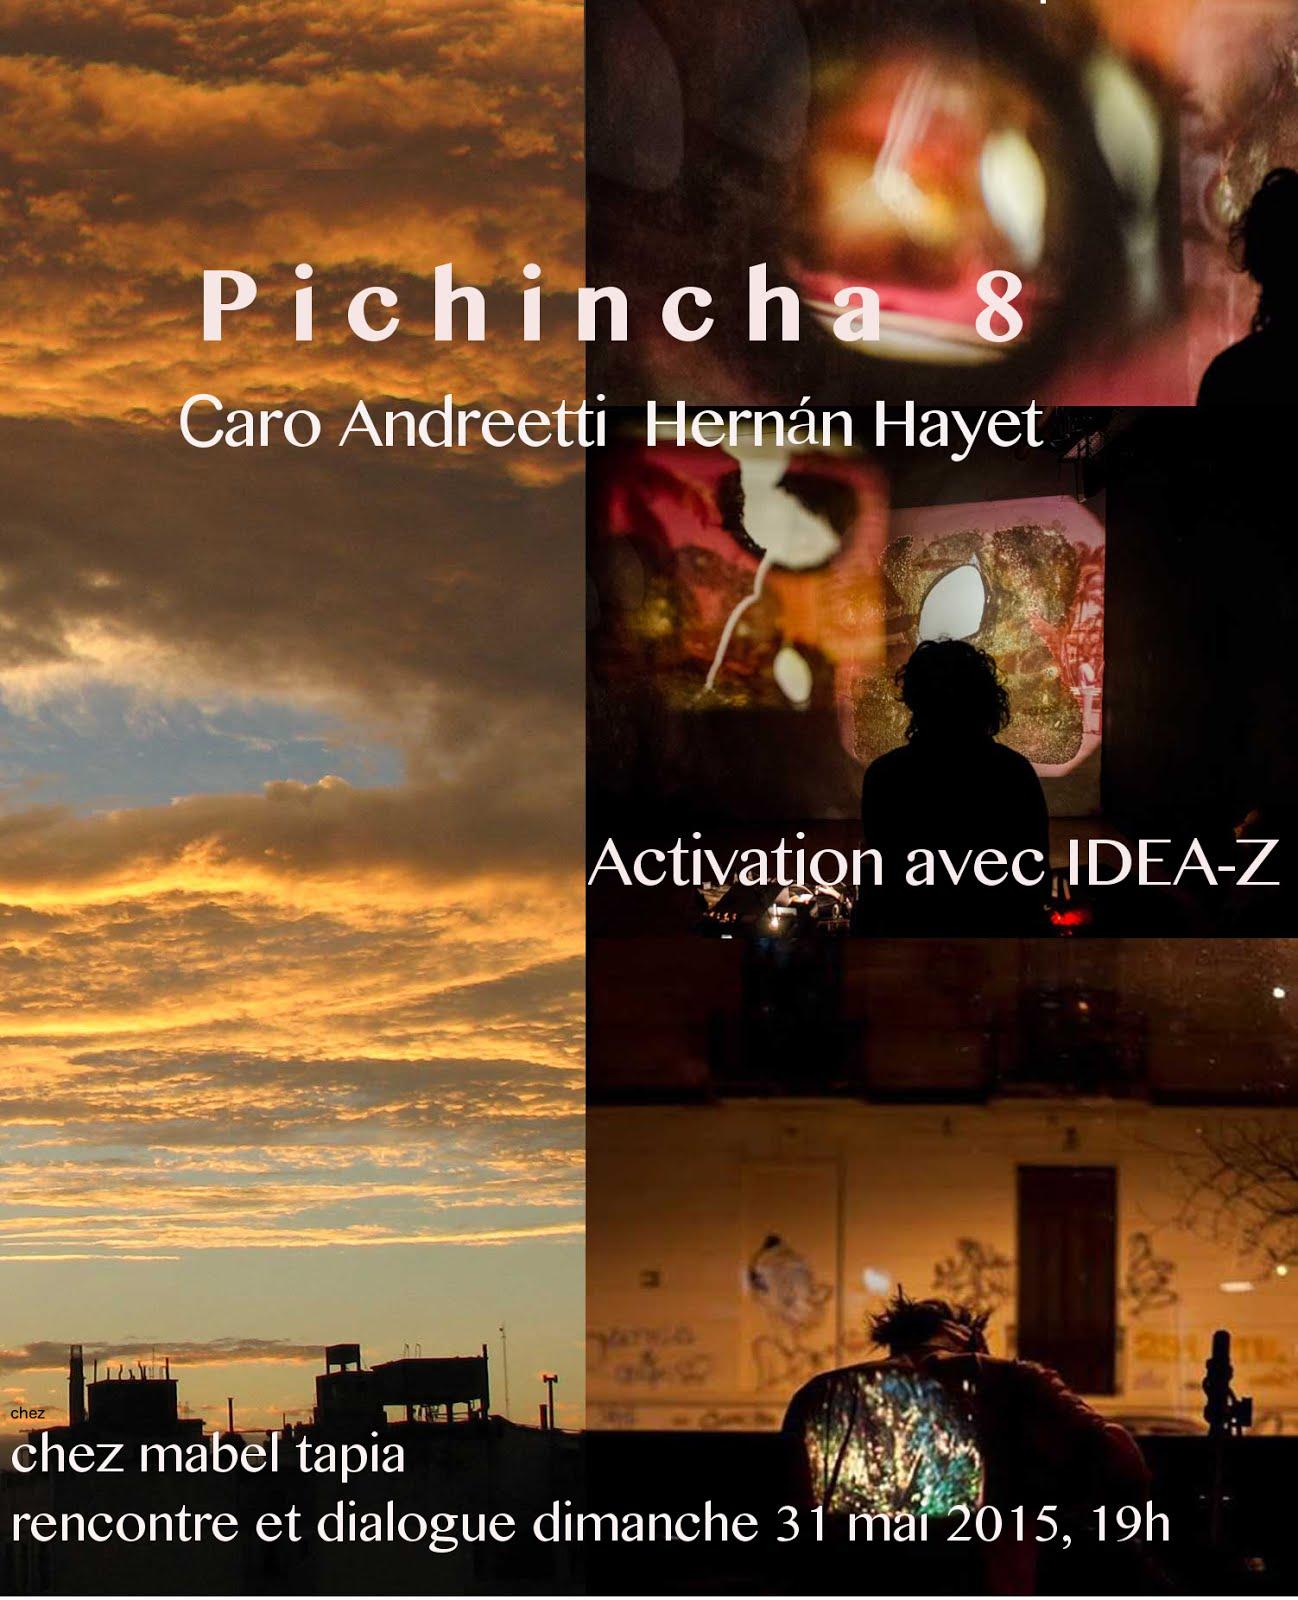 Pichincha 8